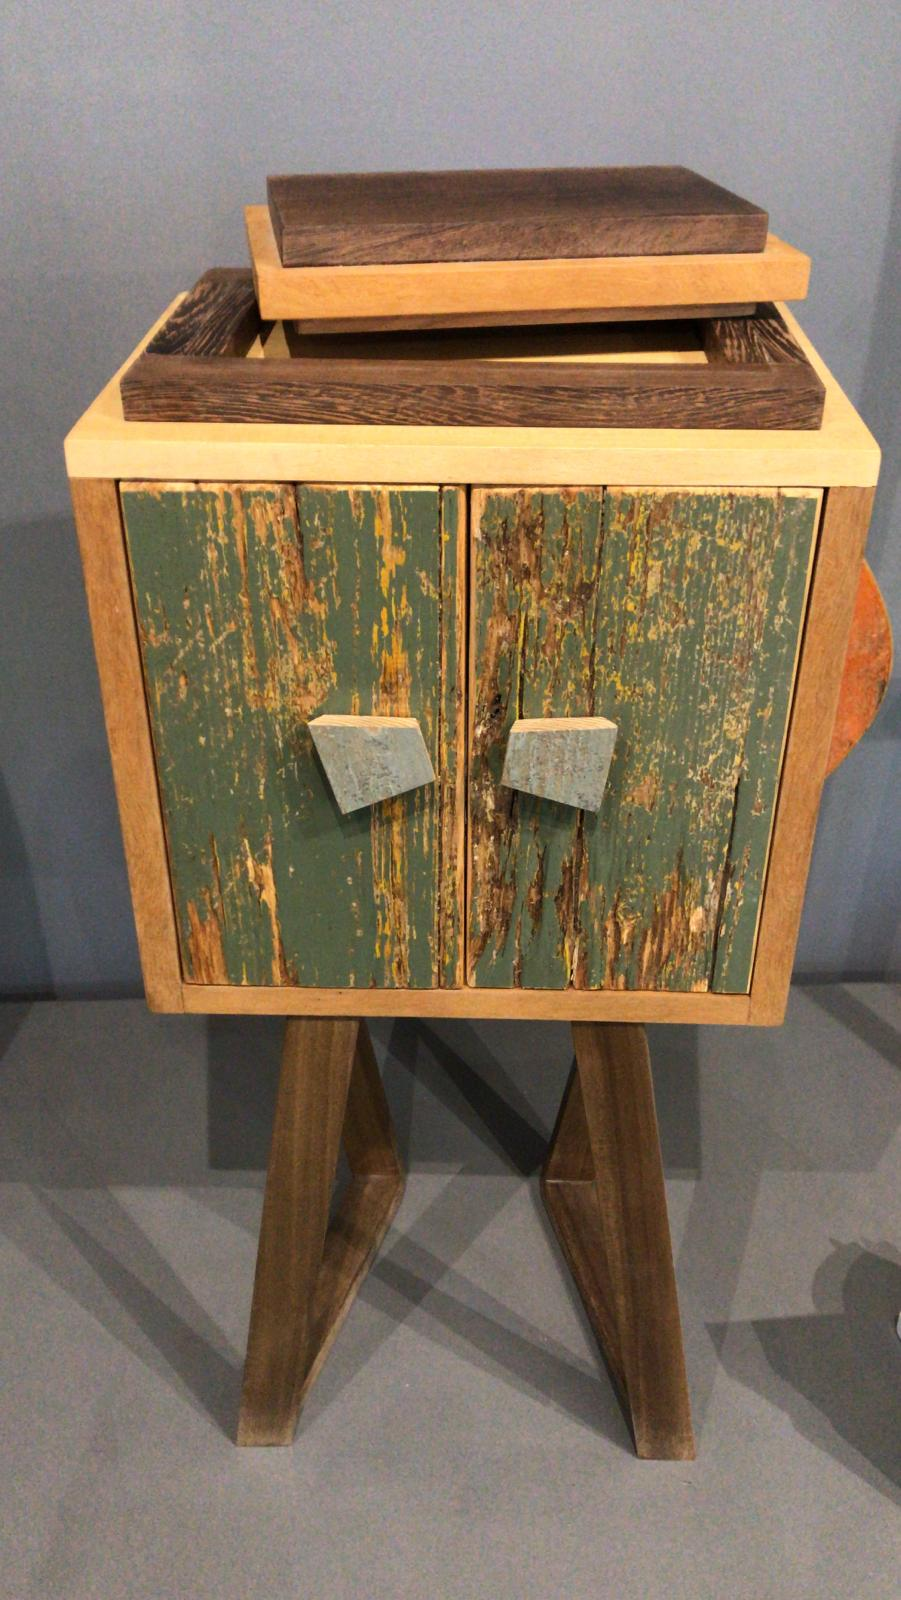 mobiletto comodino con portagioielli in legno